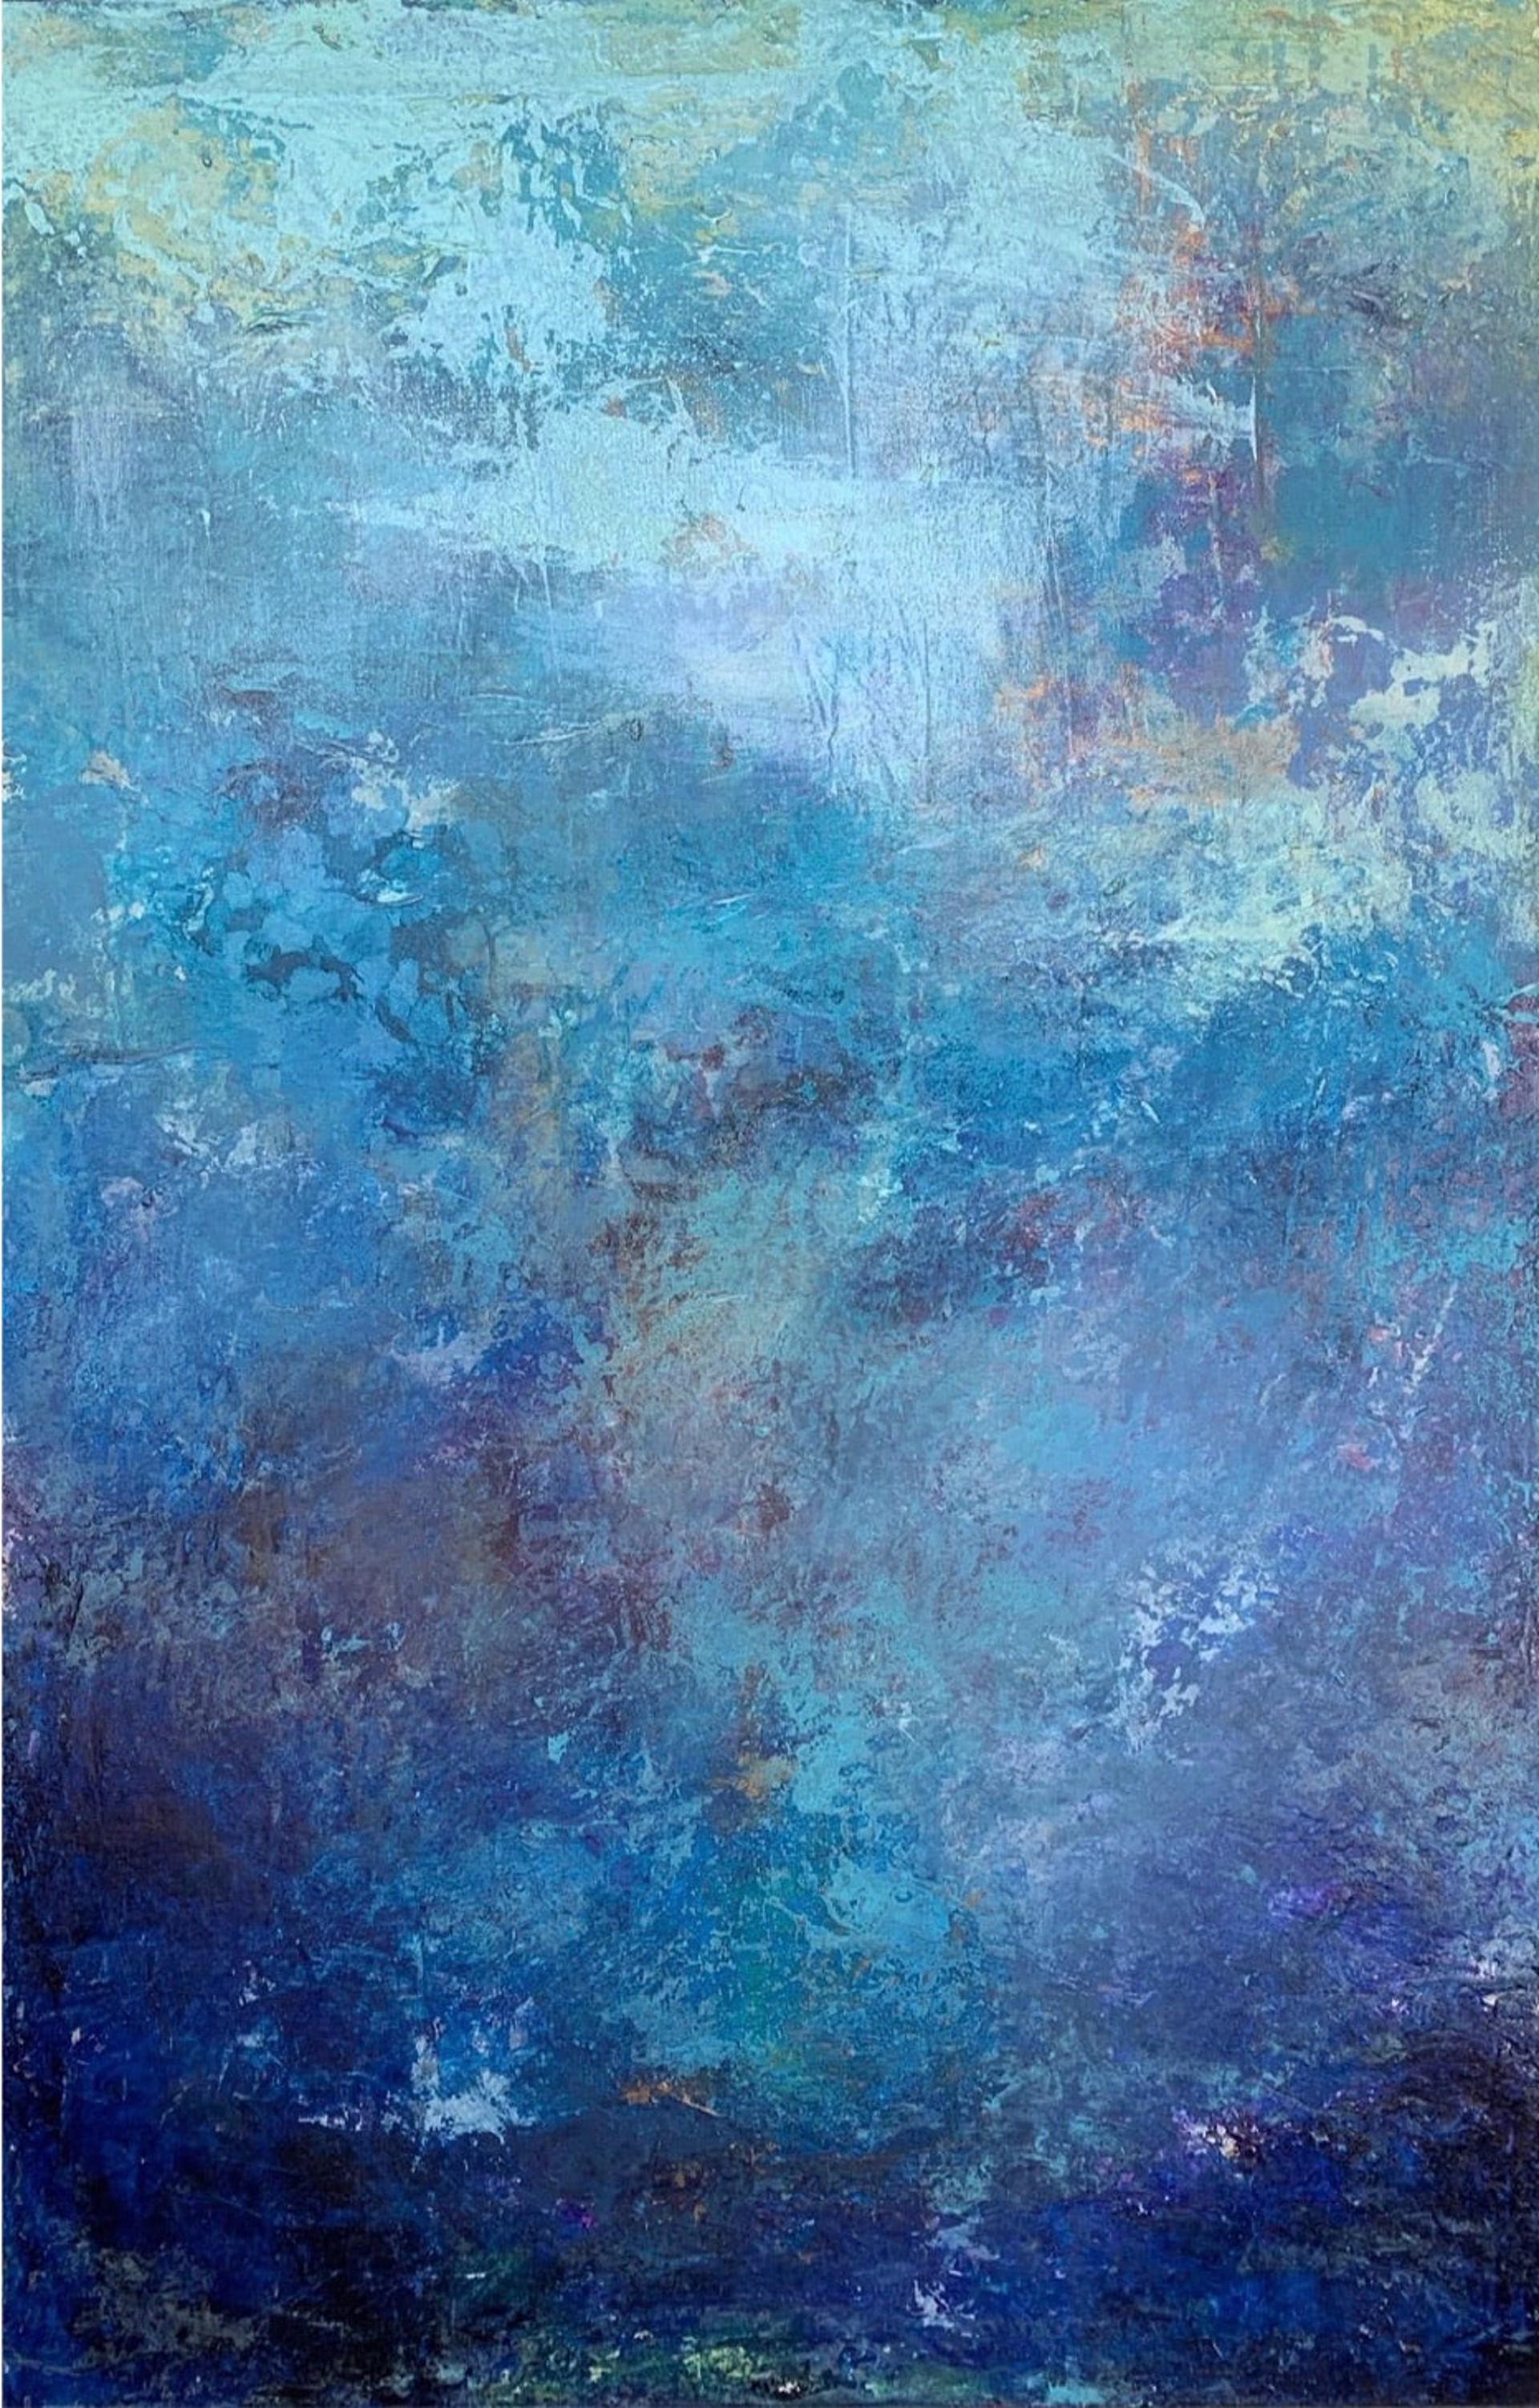 Blue Fire by Jill Malouf